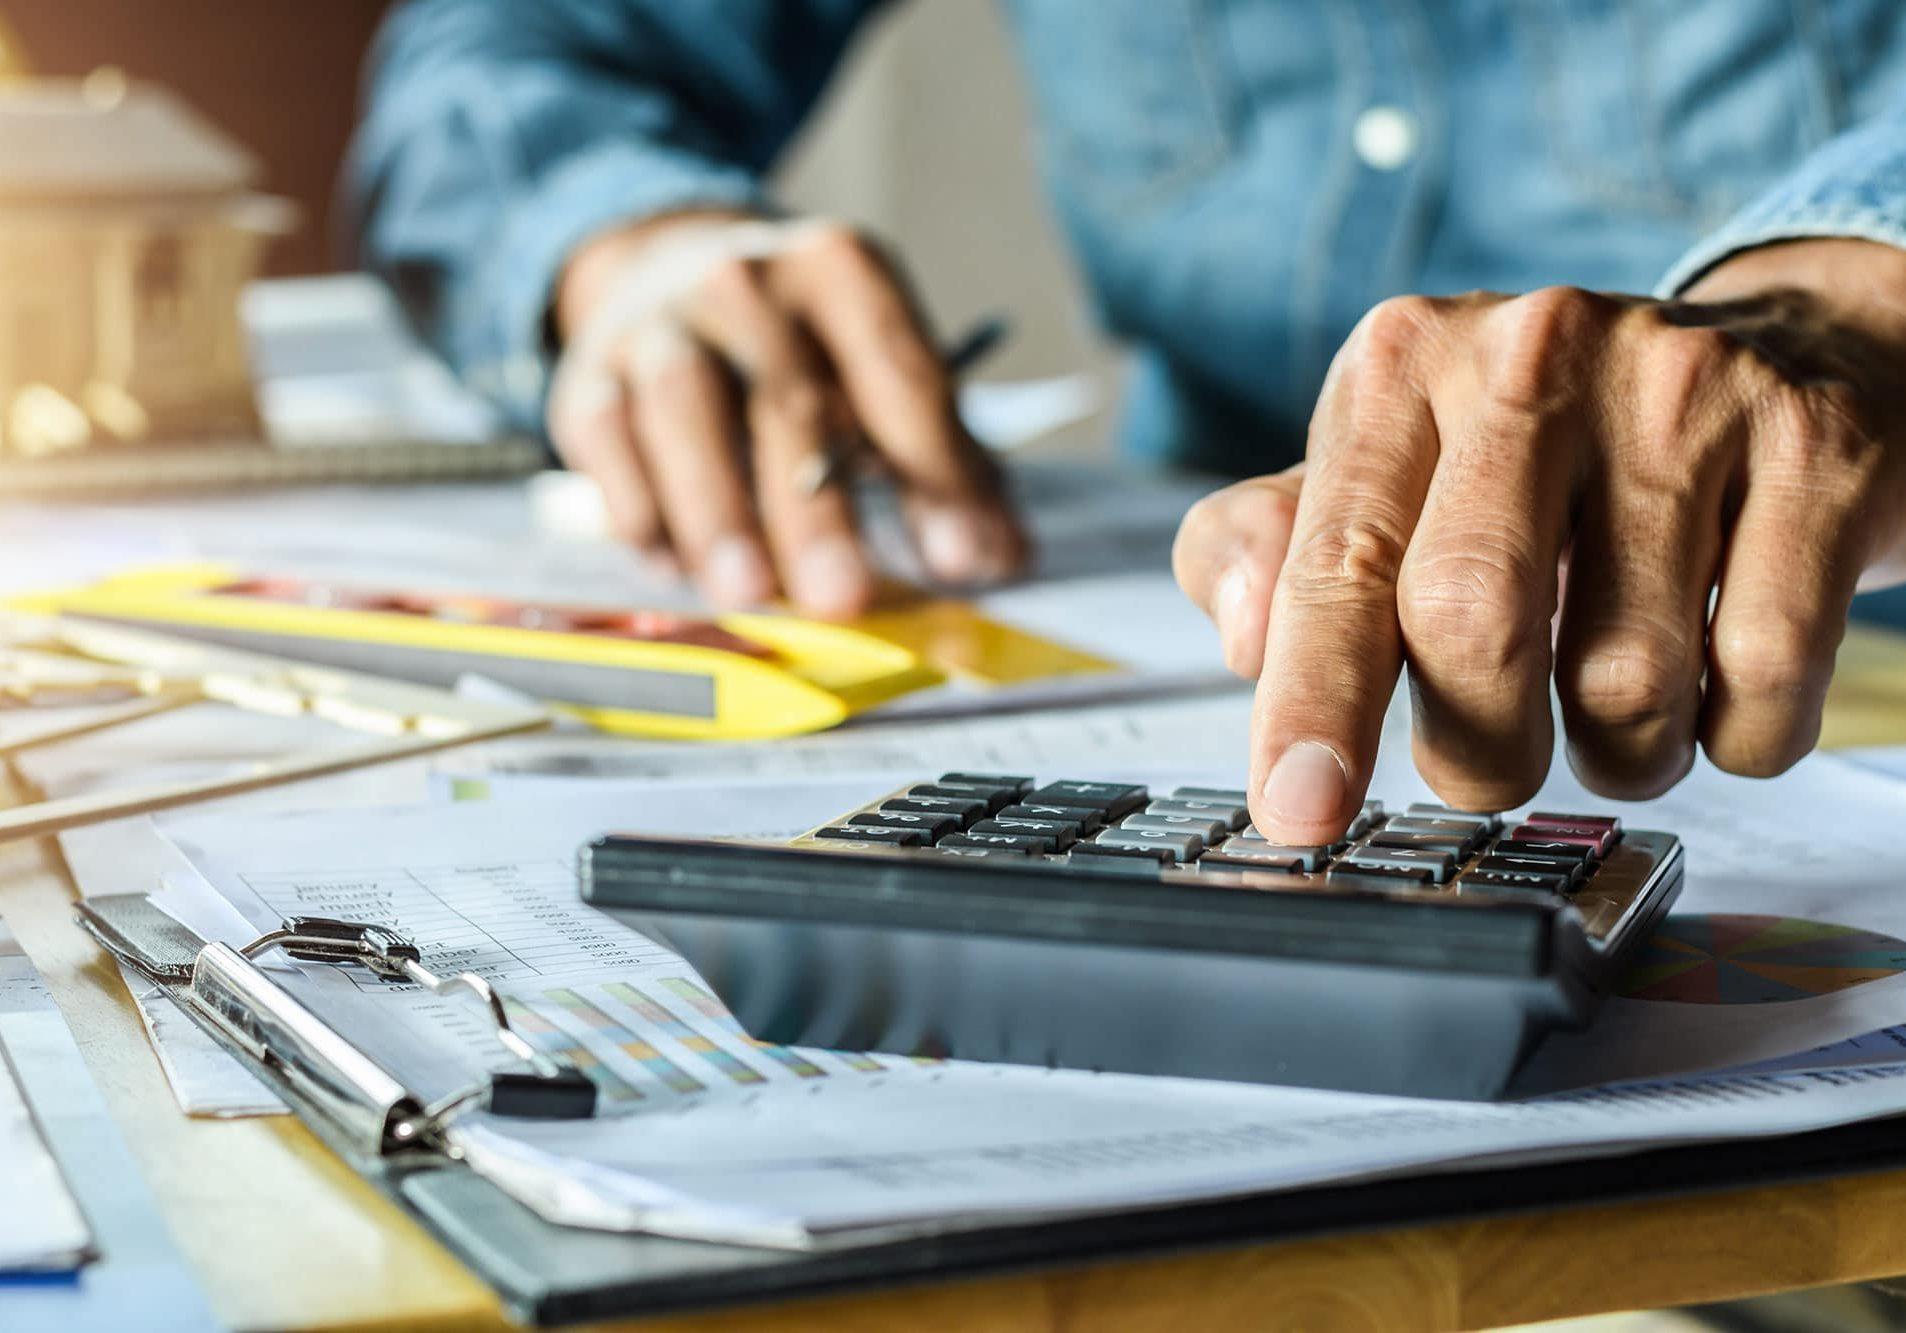 Plan sur les mains d'un homme qui travaille avec une calculatrice, documents et outils de mesures